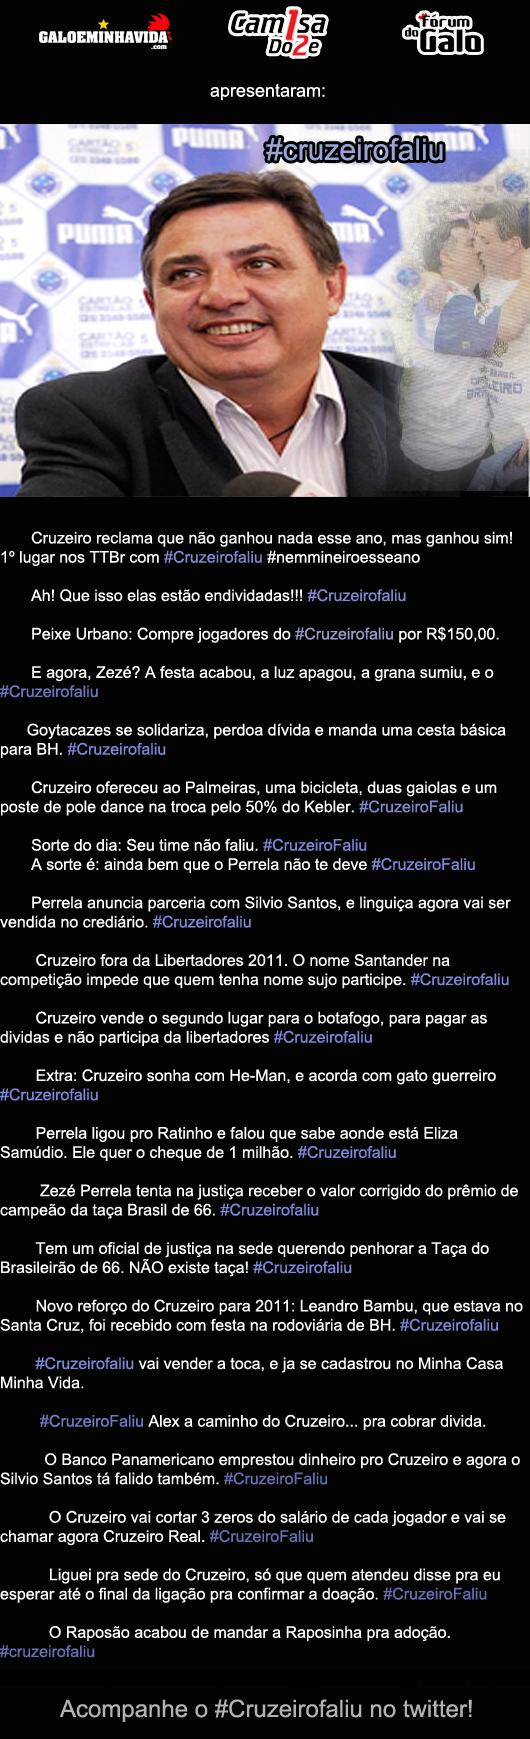 parte2 #cruzeirofaliu